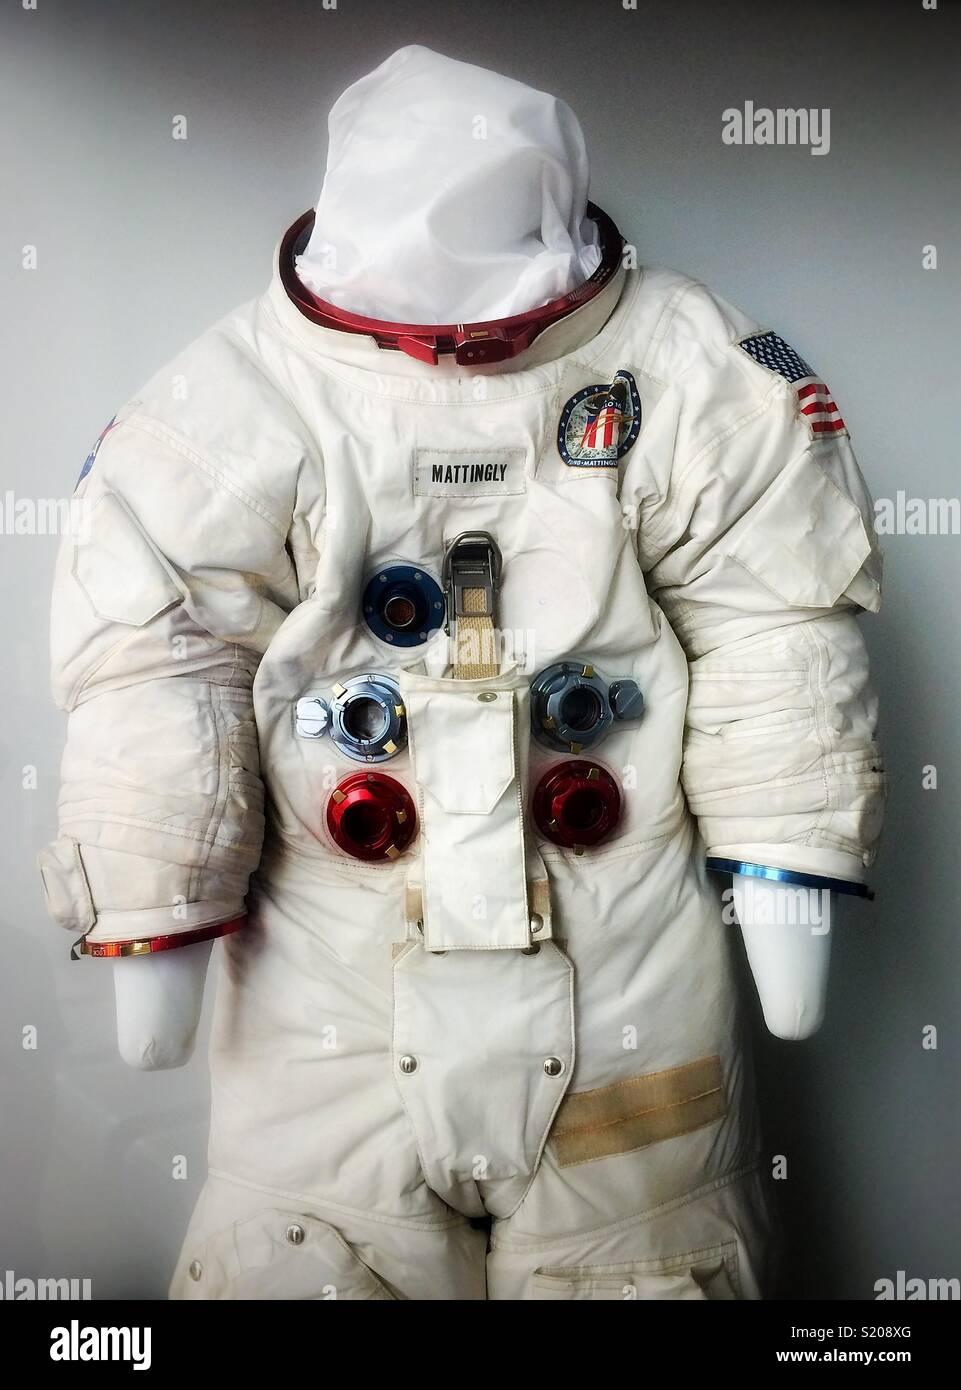 Le scaphandre de l'astronaute Ken Mattingly dans le Science Museum de Los Angeles, Californie, USA Photo Stock